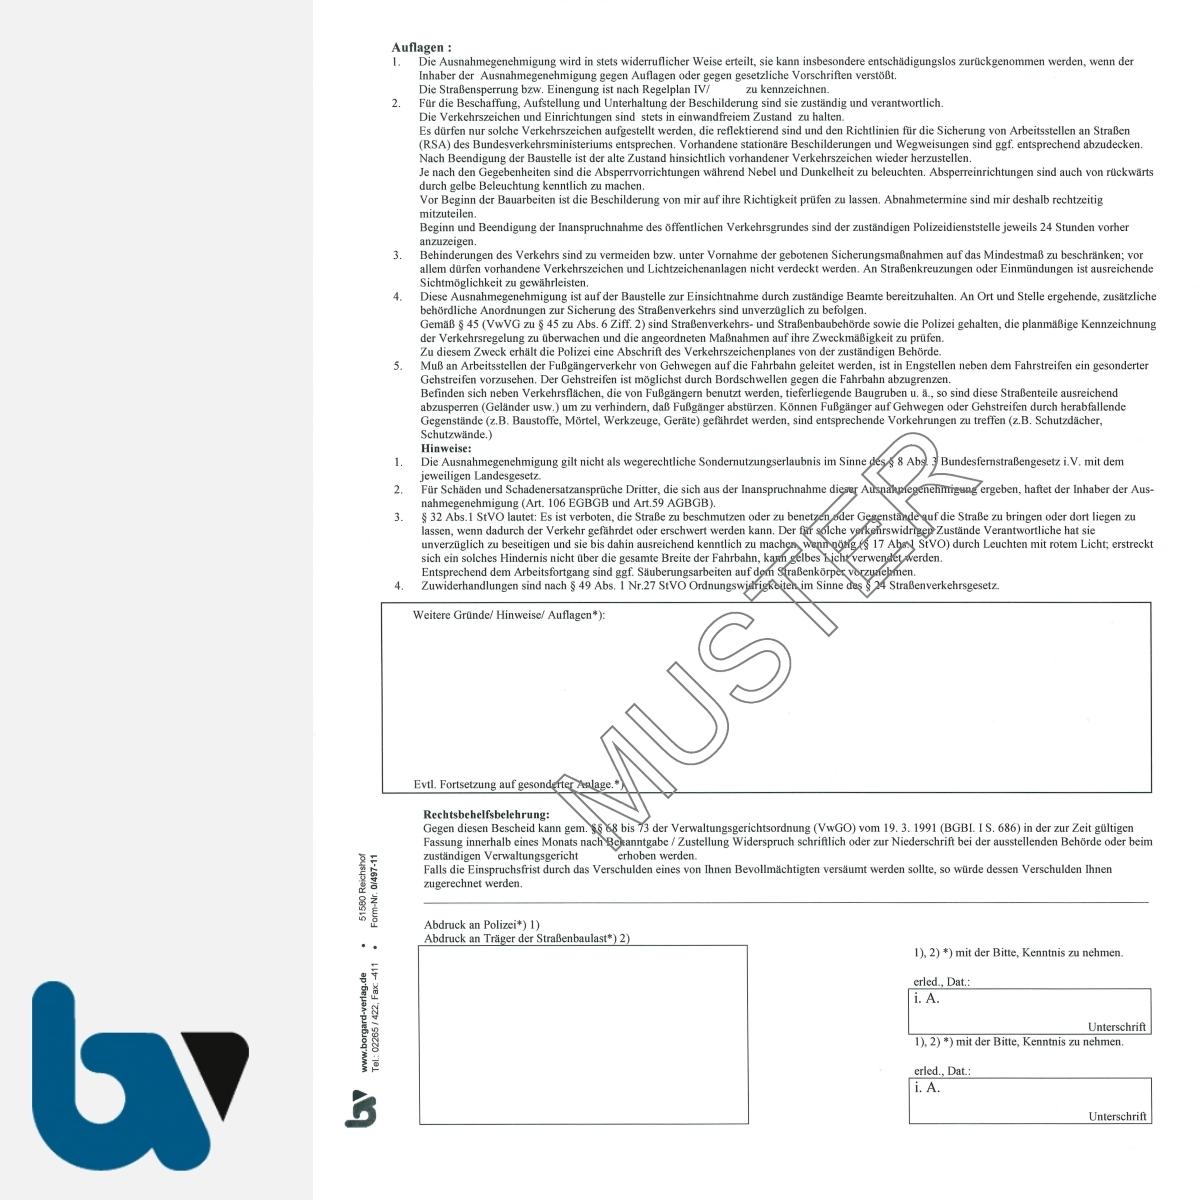 0/497-11 Ausnahmegenehmigung 46 Straßenverkehrsordnung StVO Bewilligung Parkerleichterung Handwerker Handelsvertreter soziale Dienste DIN A4 2-fach RS | Borgard Verlag GmbH